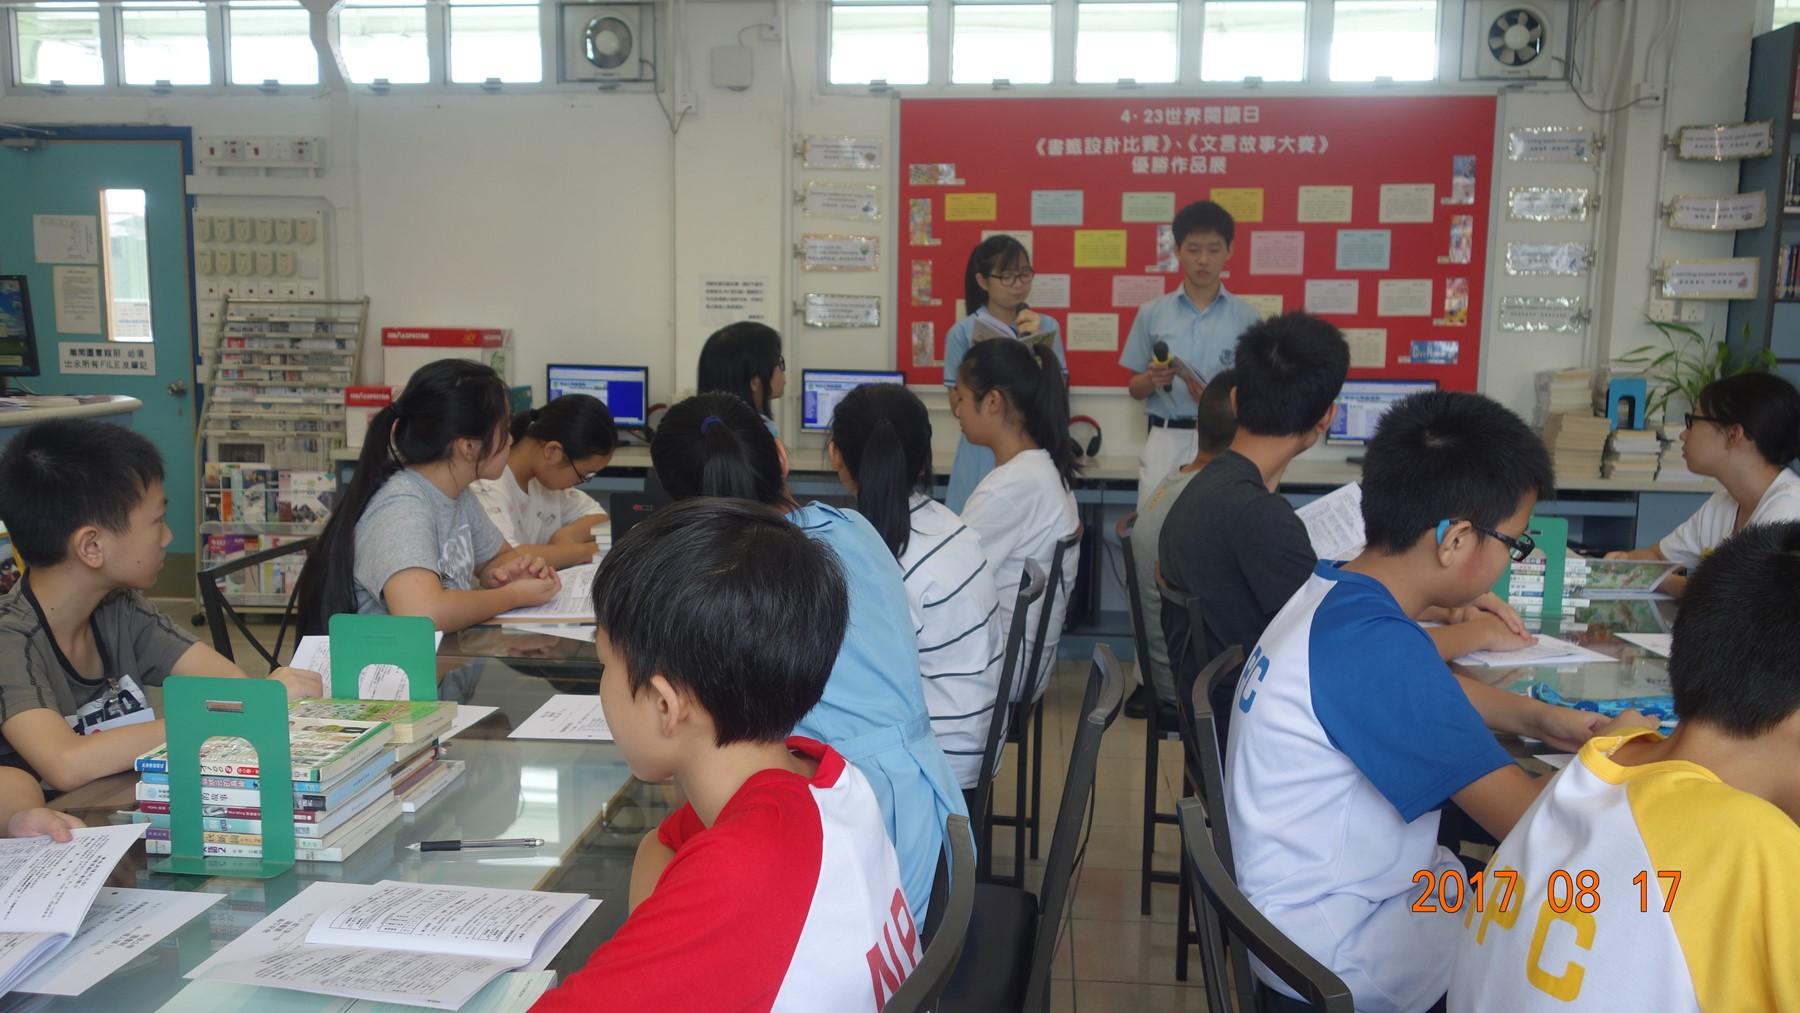 http://www.npc.edu.hk/sites/default/files/1c_kai_qi_zhi_shi_bao_ku_zhi_men_20170817_08.jpg